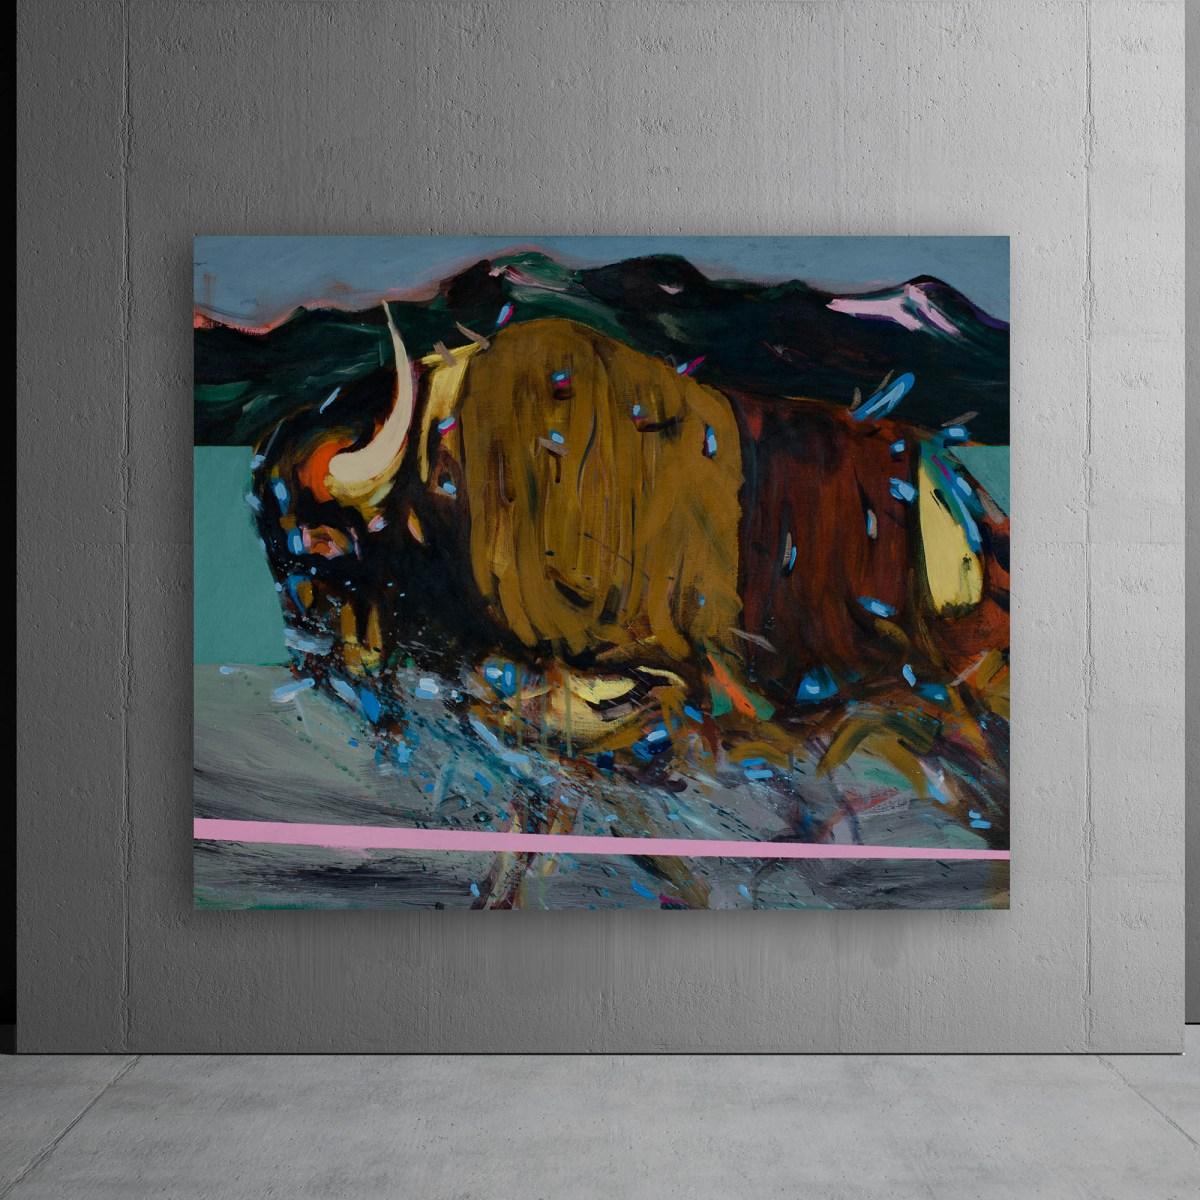 Obra de Agustín Guty Gonzalez, Pintura, Bisonte regresa a sus tierras